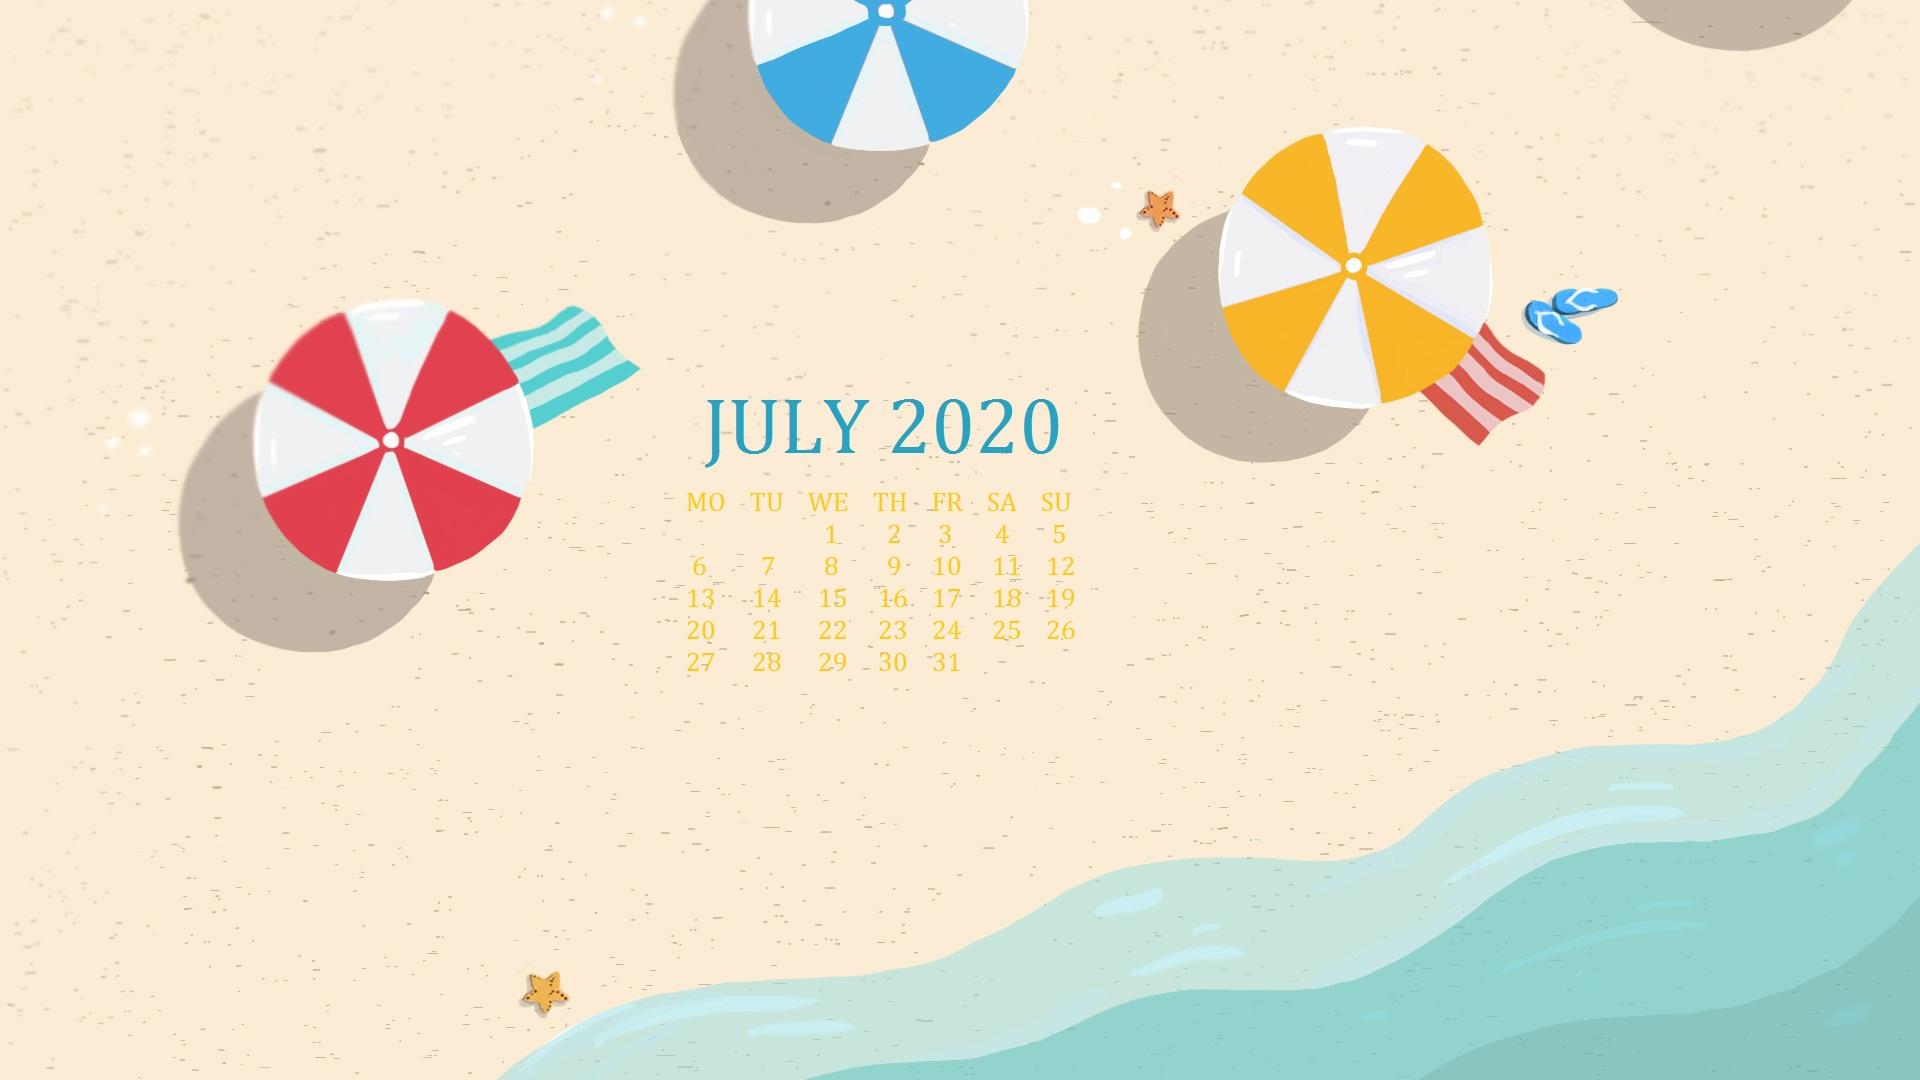 July 2020 Desktop Background Calendar